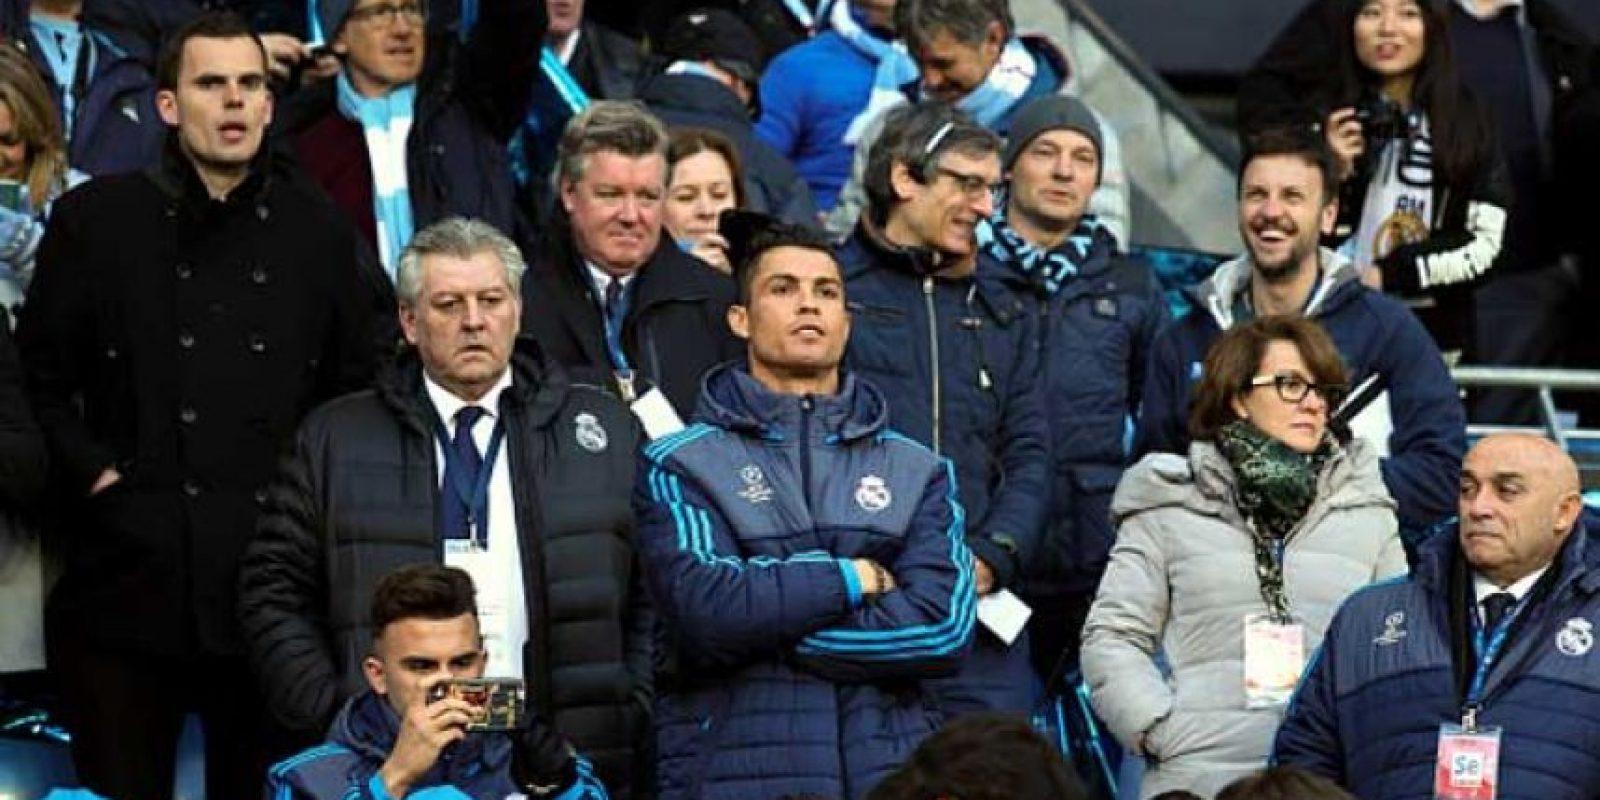 Y tras una resonancia, Cristiano ni siquiera apareció en el banquillo ante Manchester City. Foto:Getty Images